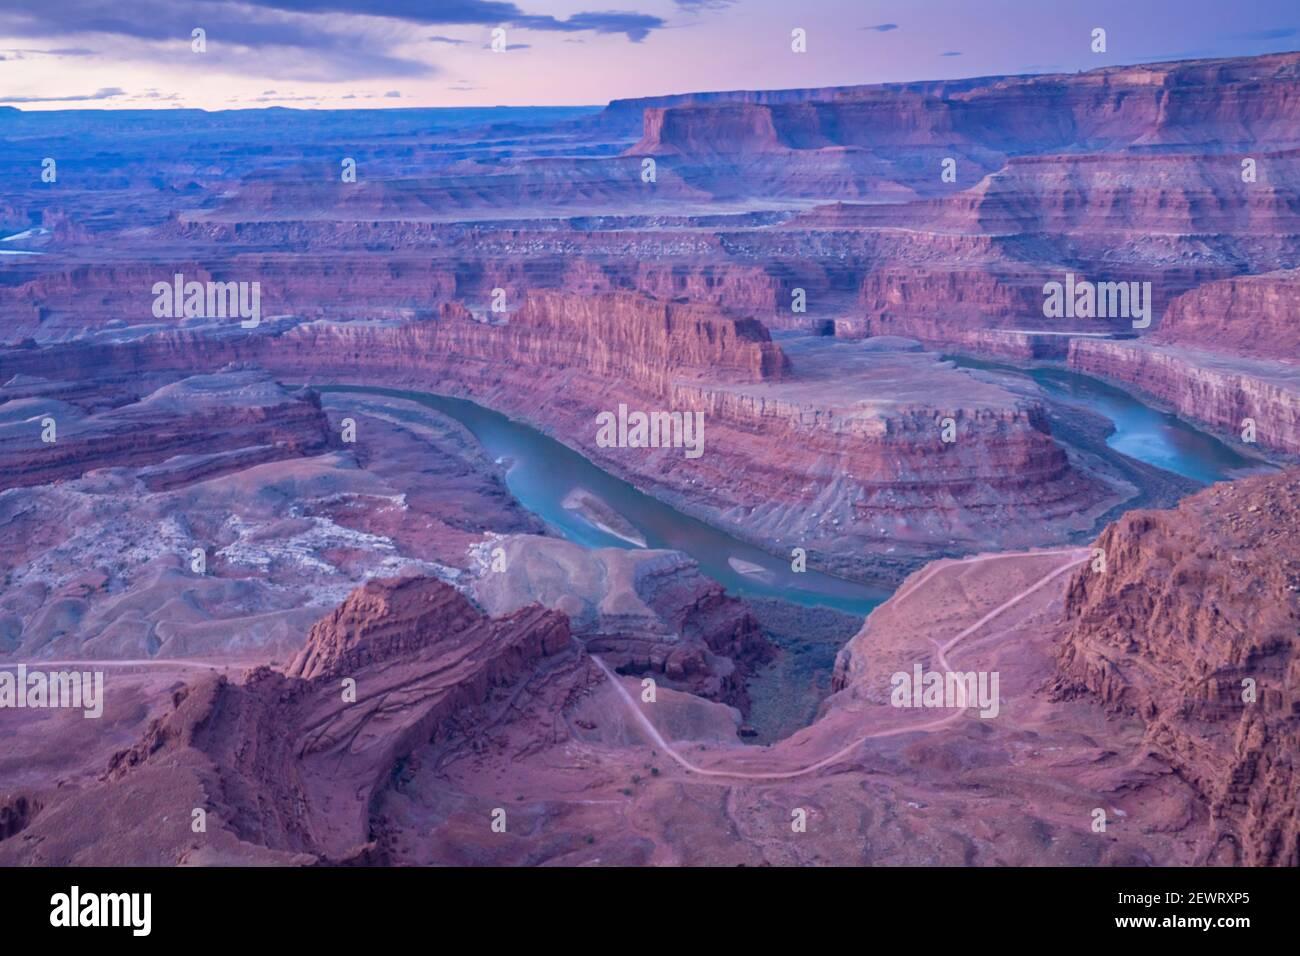 Vue sur le Canyon depuis le parc national Dead Horse point, Utah, États-Unis d'Amérique, Amérique du Nord Banque D'Images